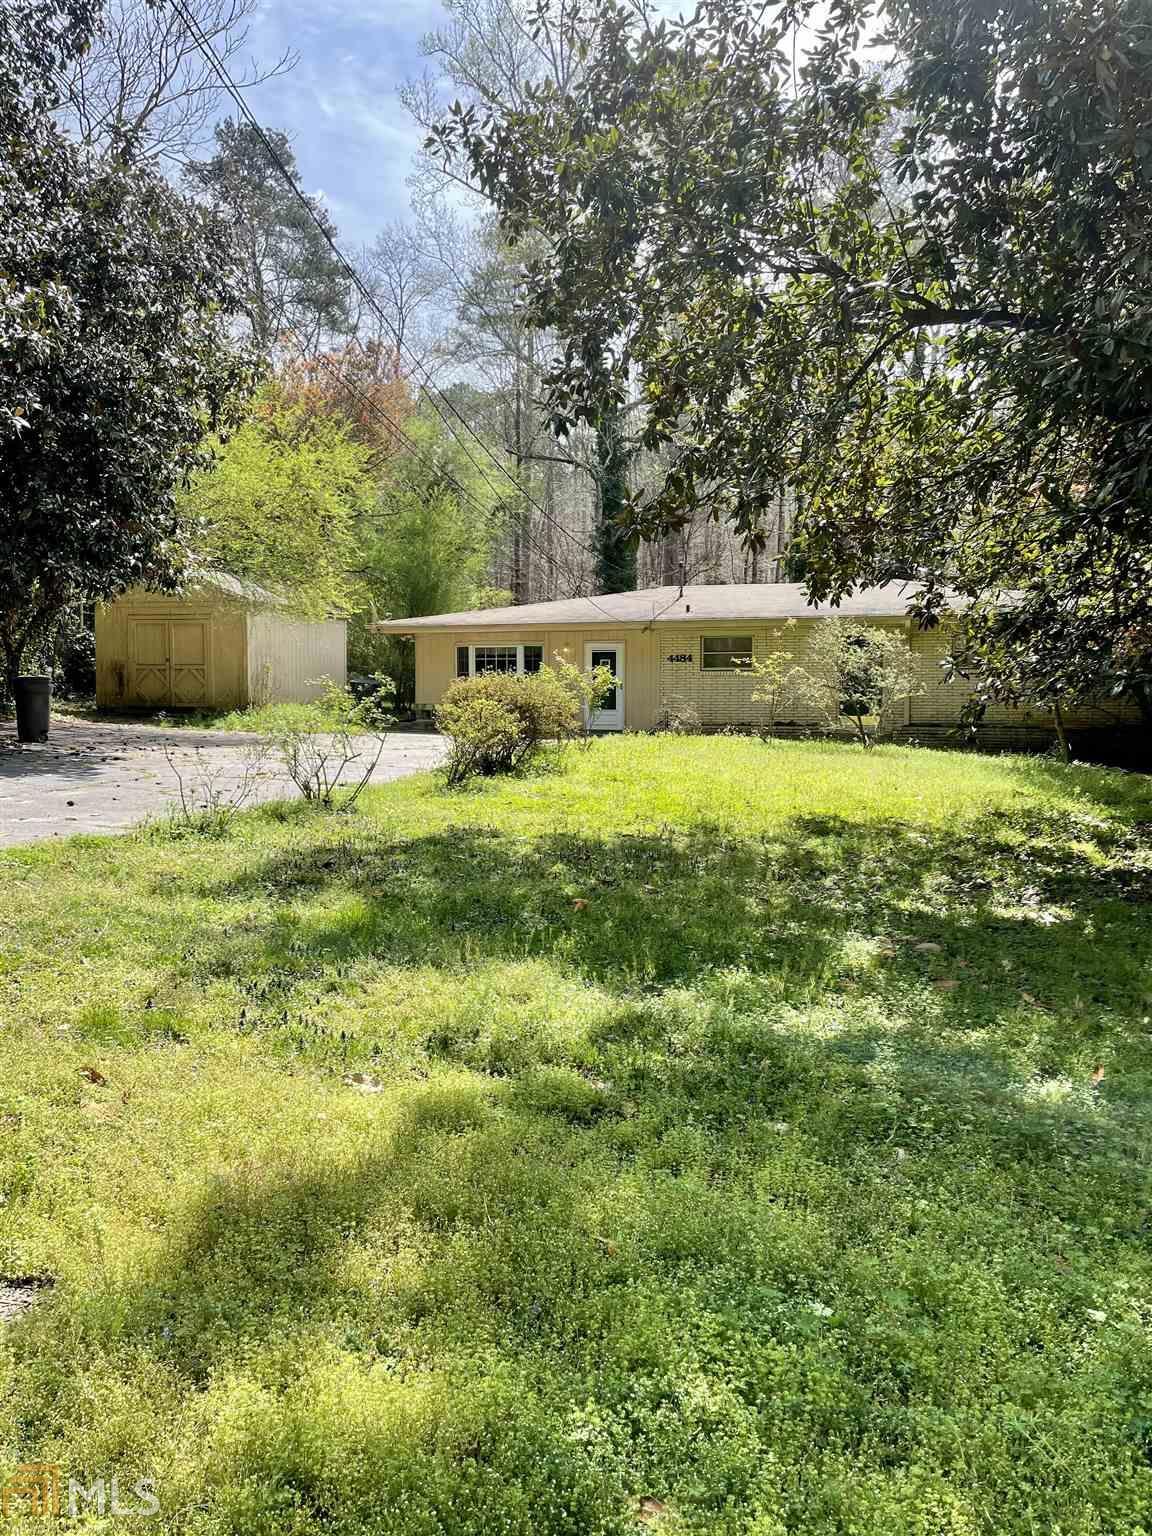 4484 Marjorie, Snellville, Georgia 30039, 2 Bedrooms Bedrooms, ,1 BathroomBathrooms,Single Family,For Sale,4484 Marjorie,1,8948874